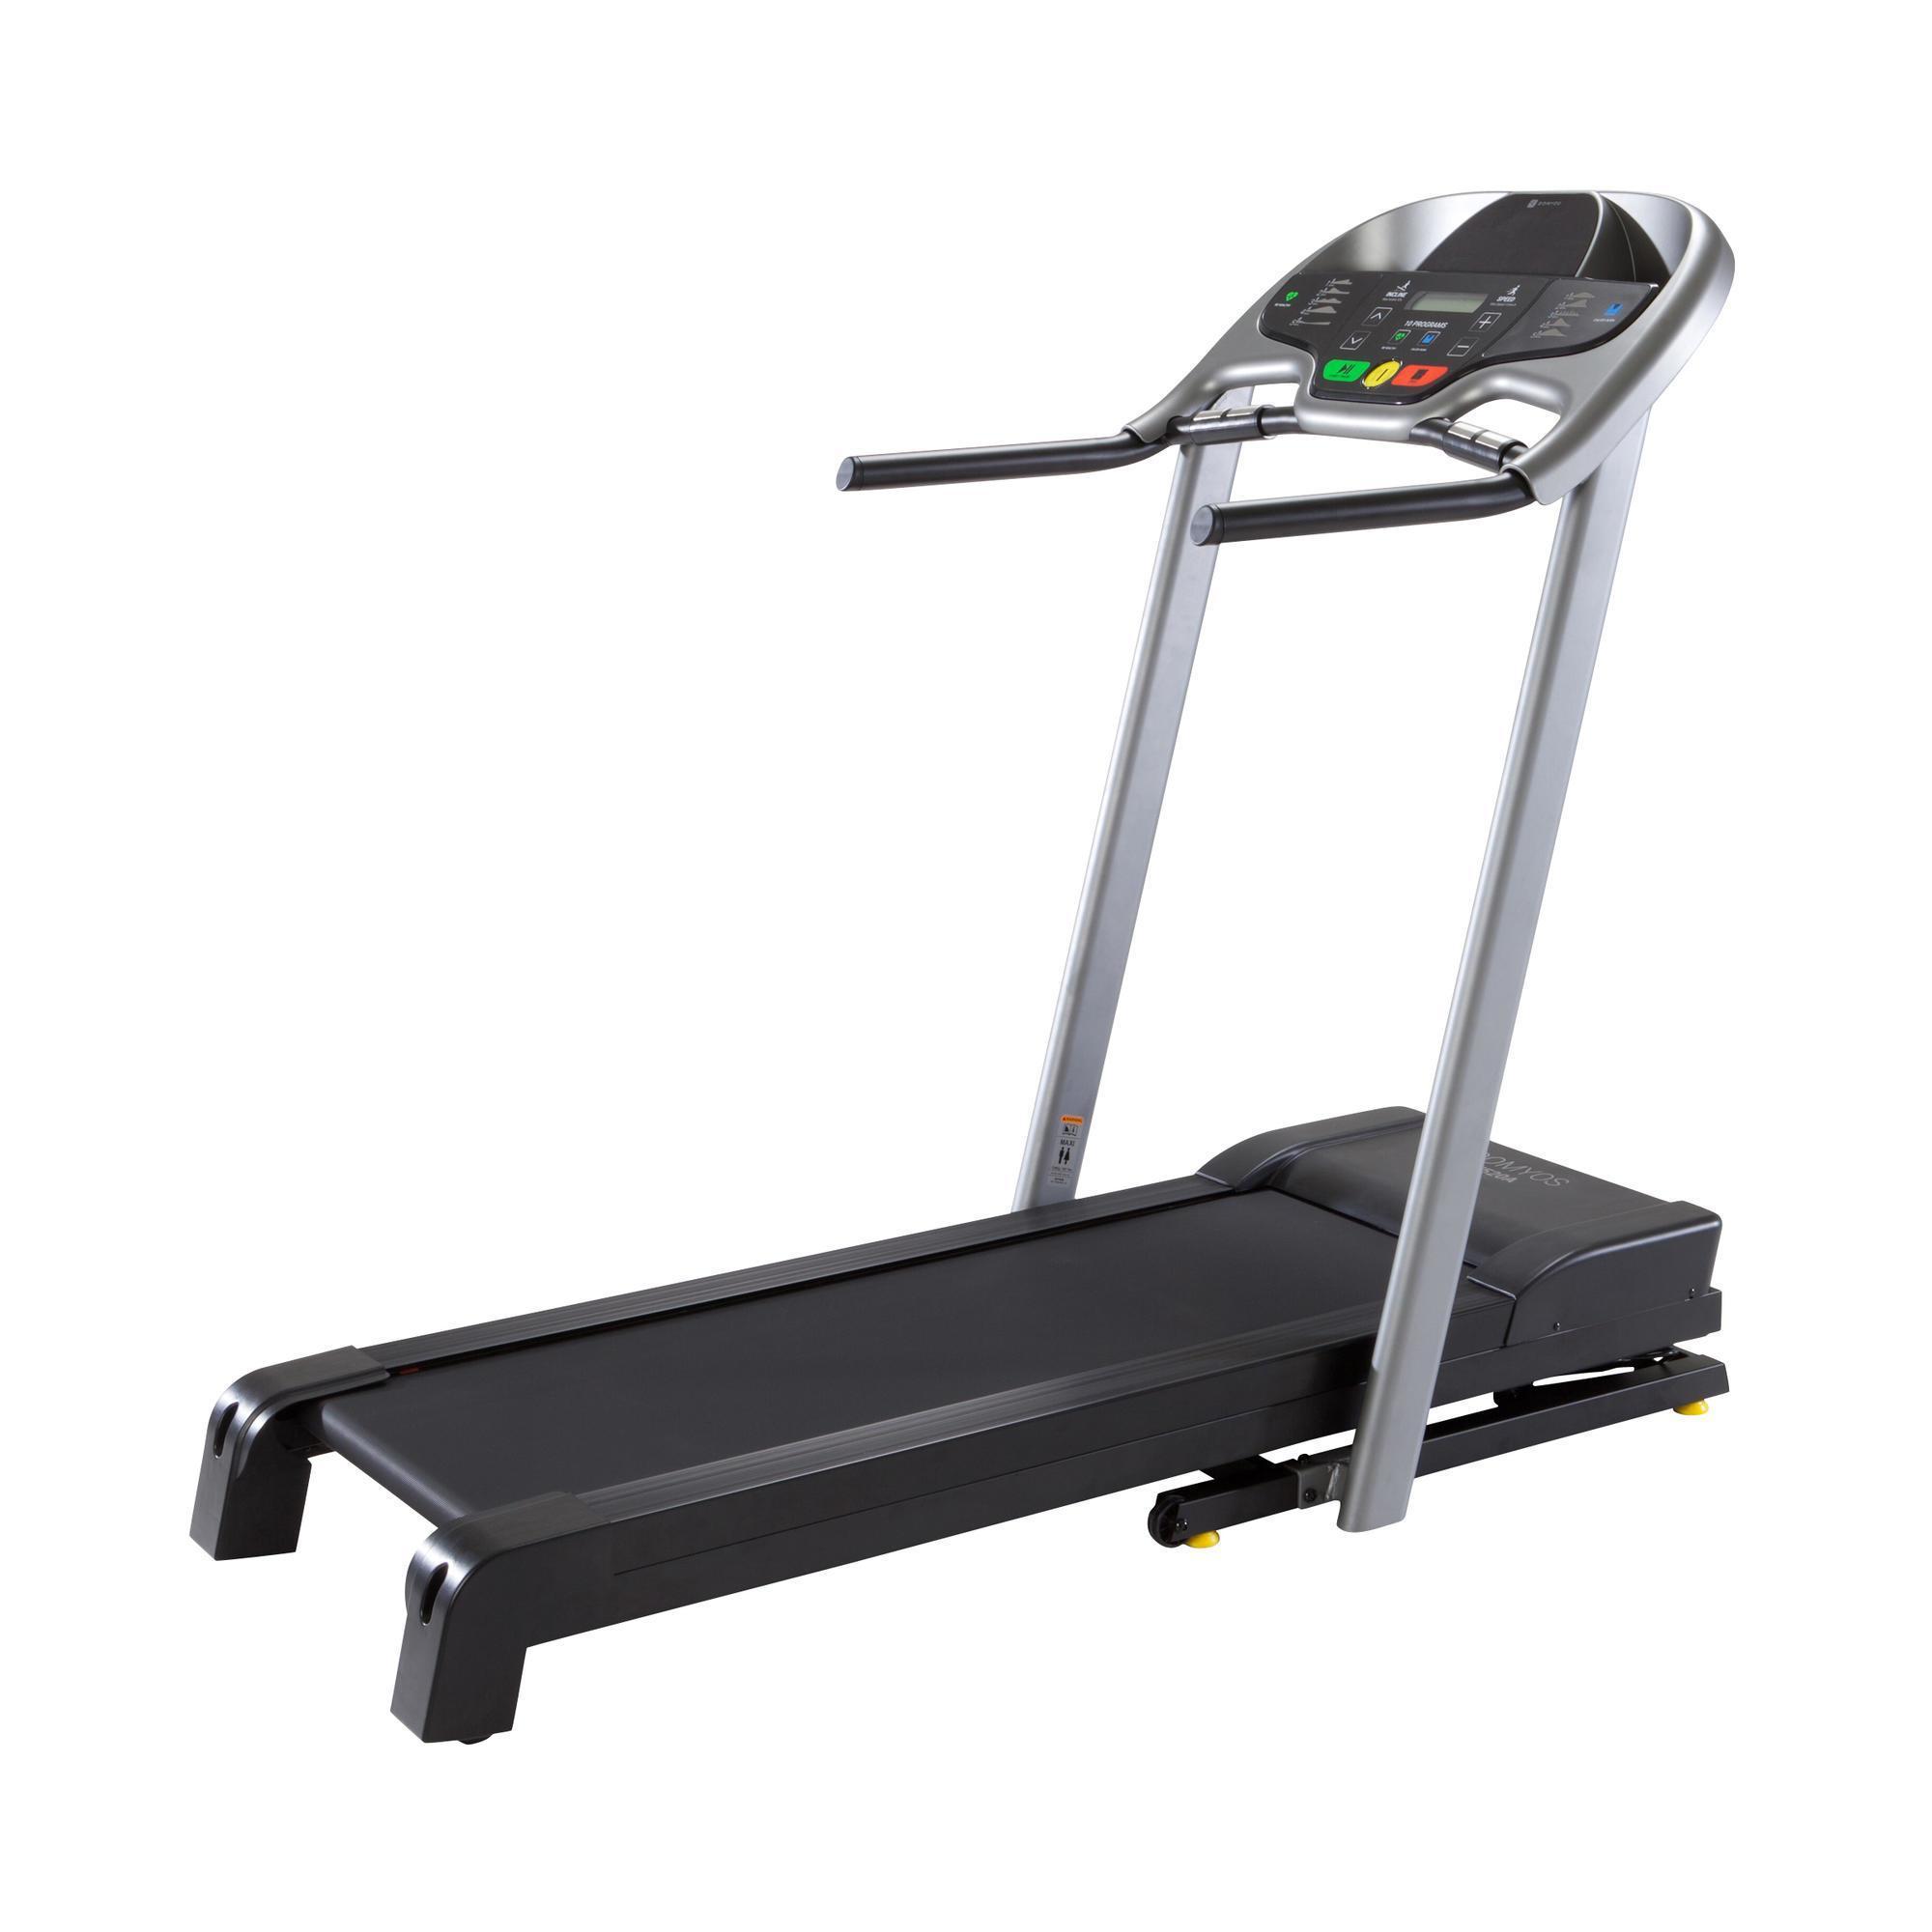 t520a treadmill domyos by decathlon